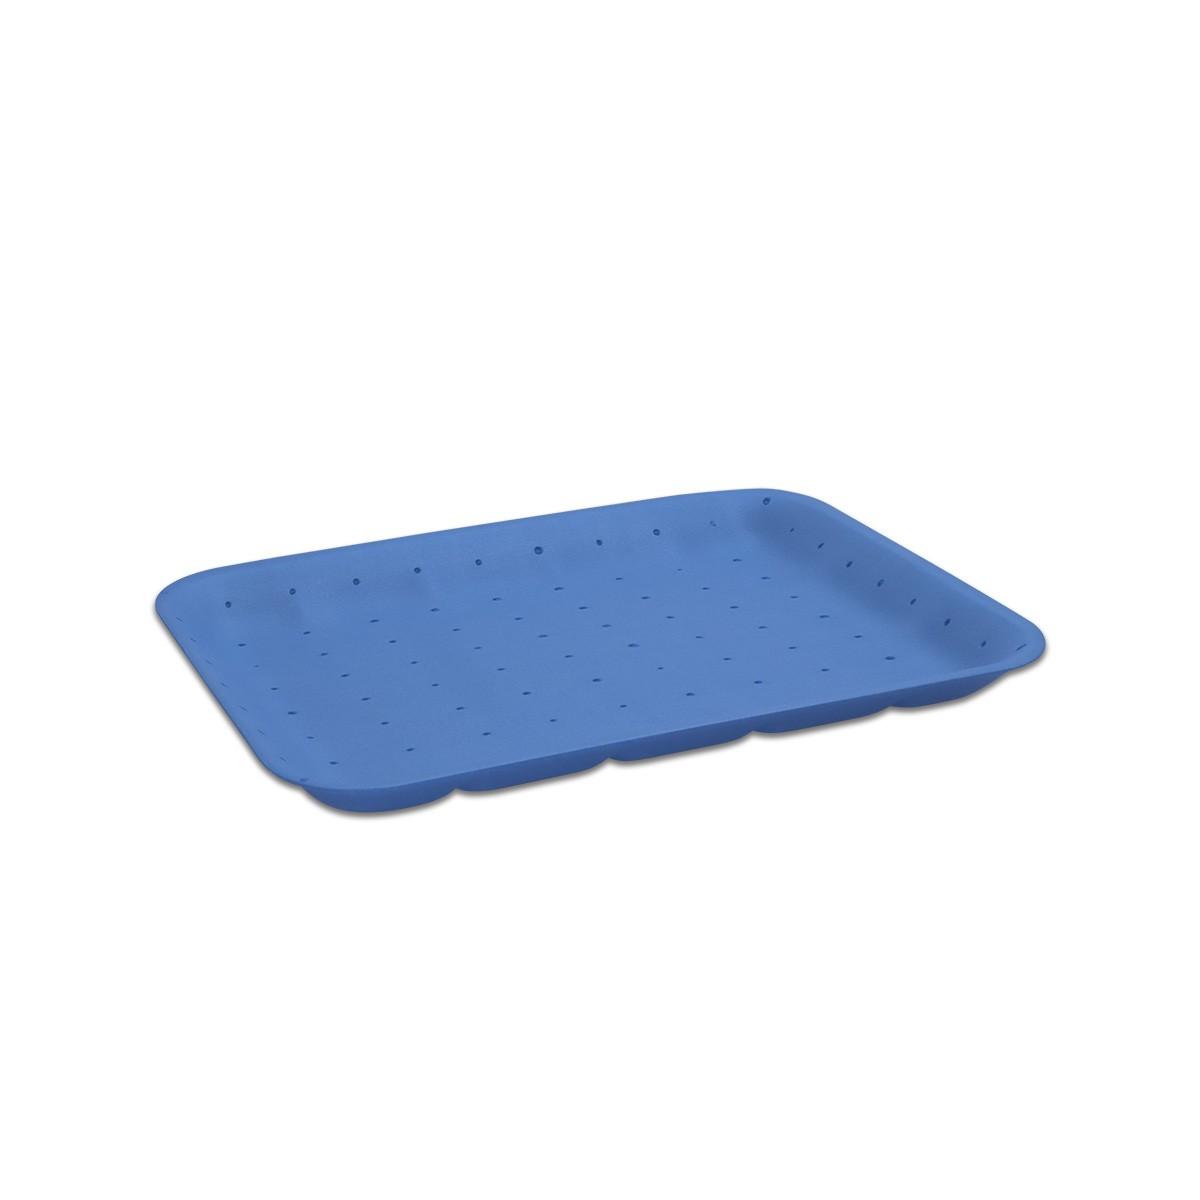 Foam Tray 265x189x20mm - Absorbent/Blue | 250pcs